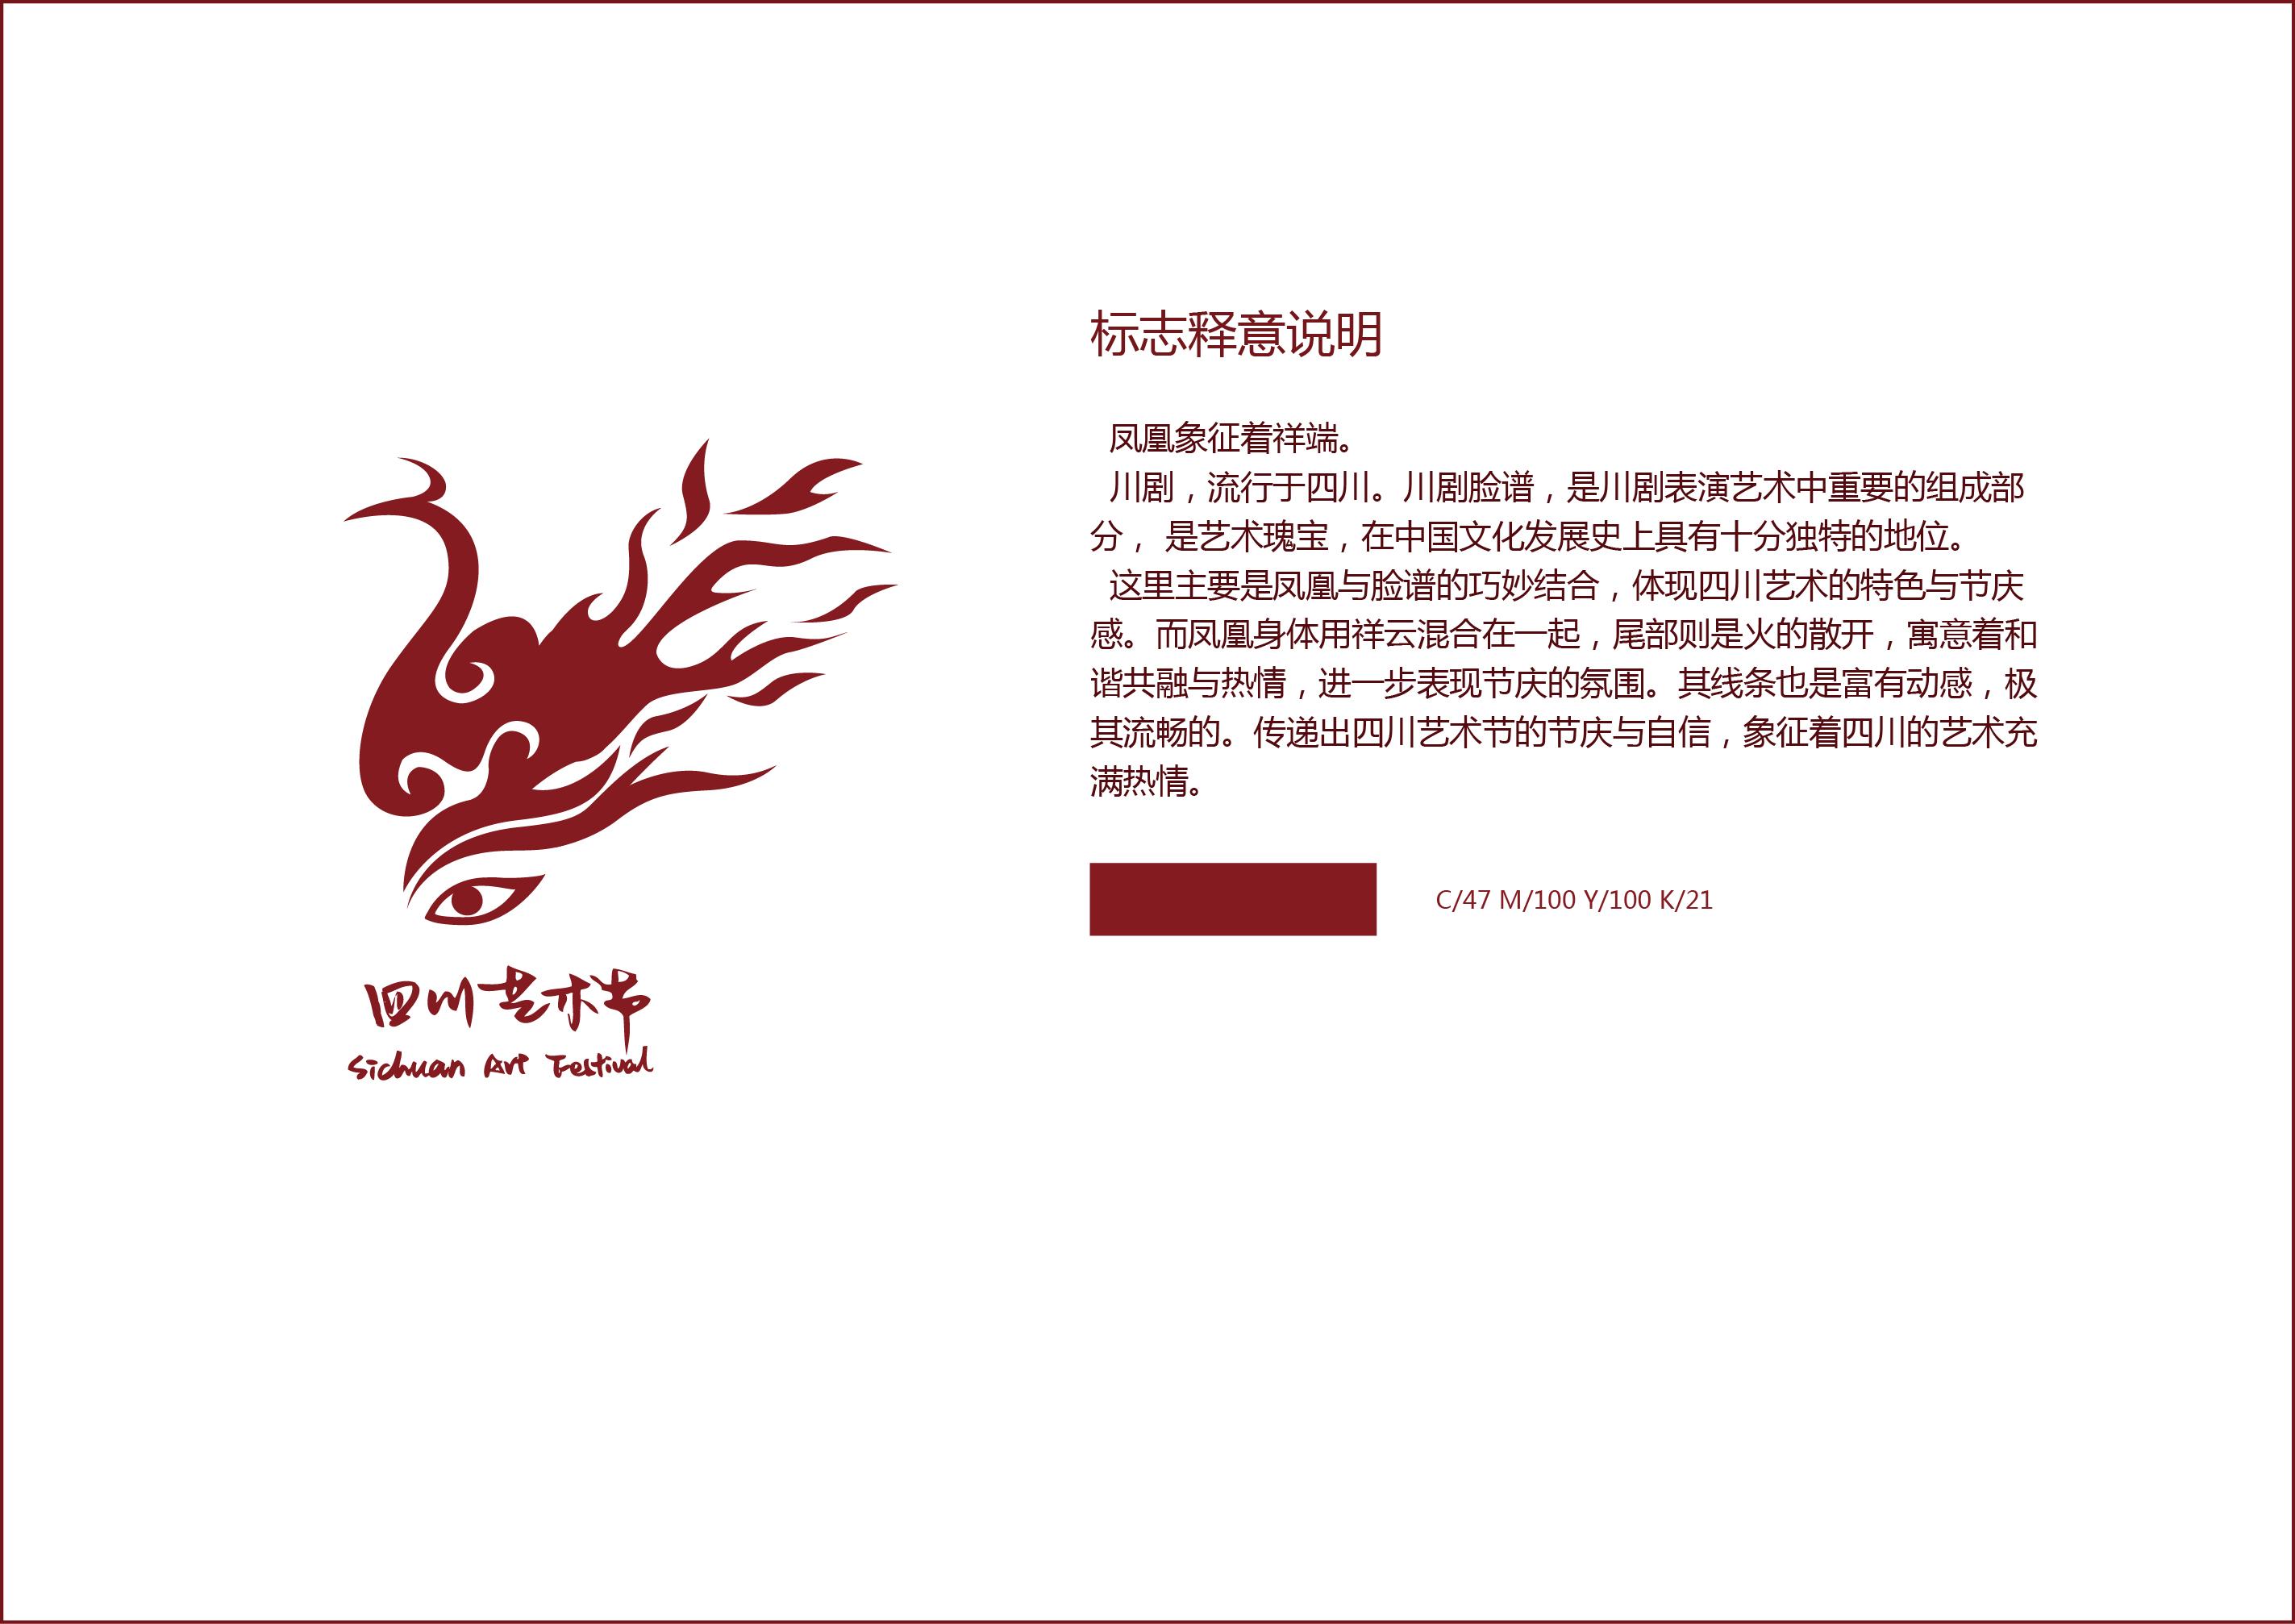 四川艺术节 logo vi设计